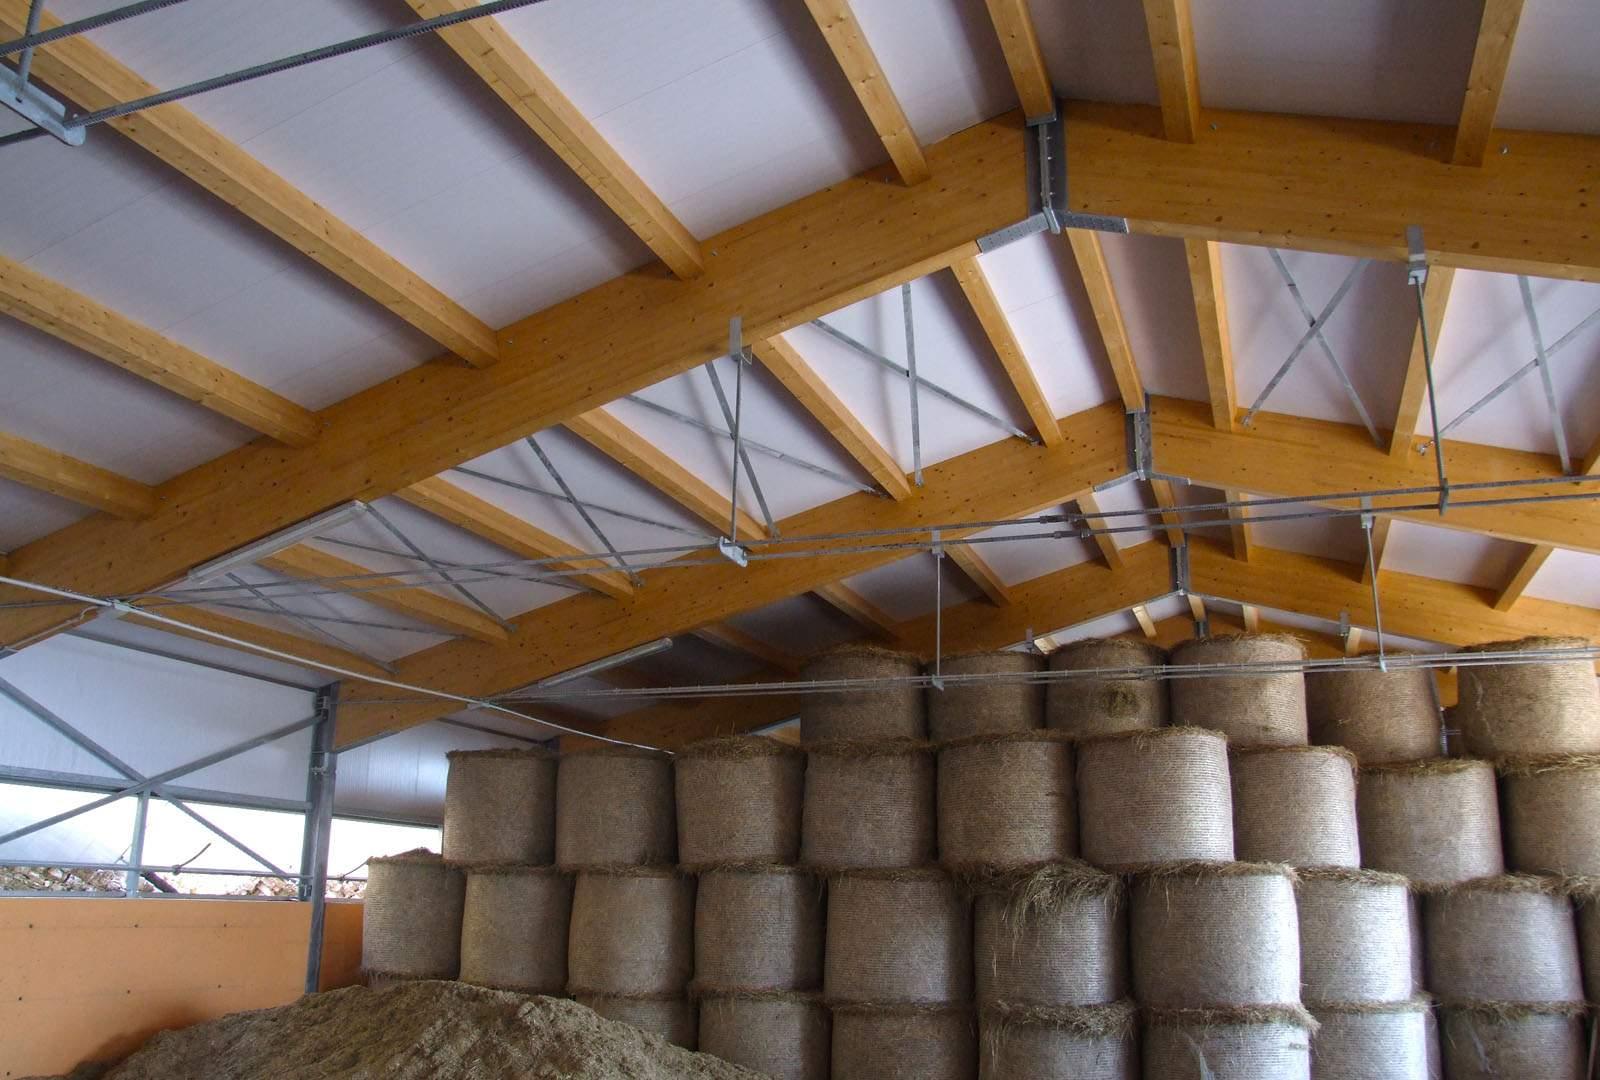 Capannoni in legno miglioranza srl sandrigo vicenza italy for Strutture prefabbricate in legno